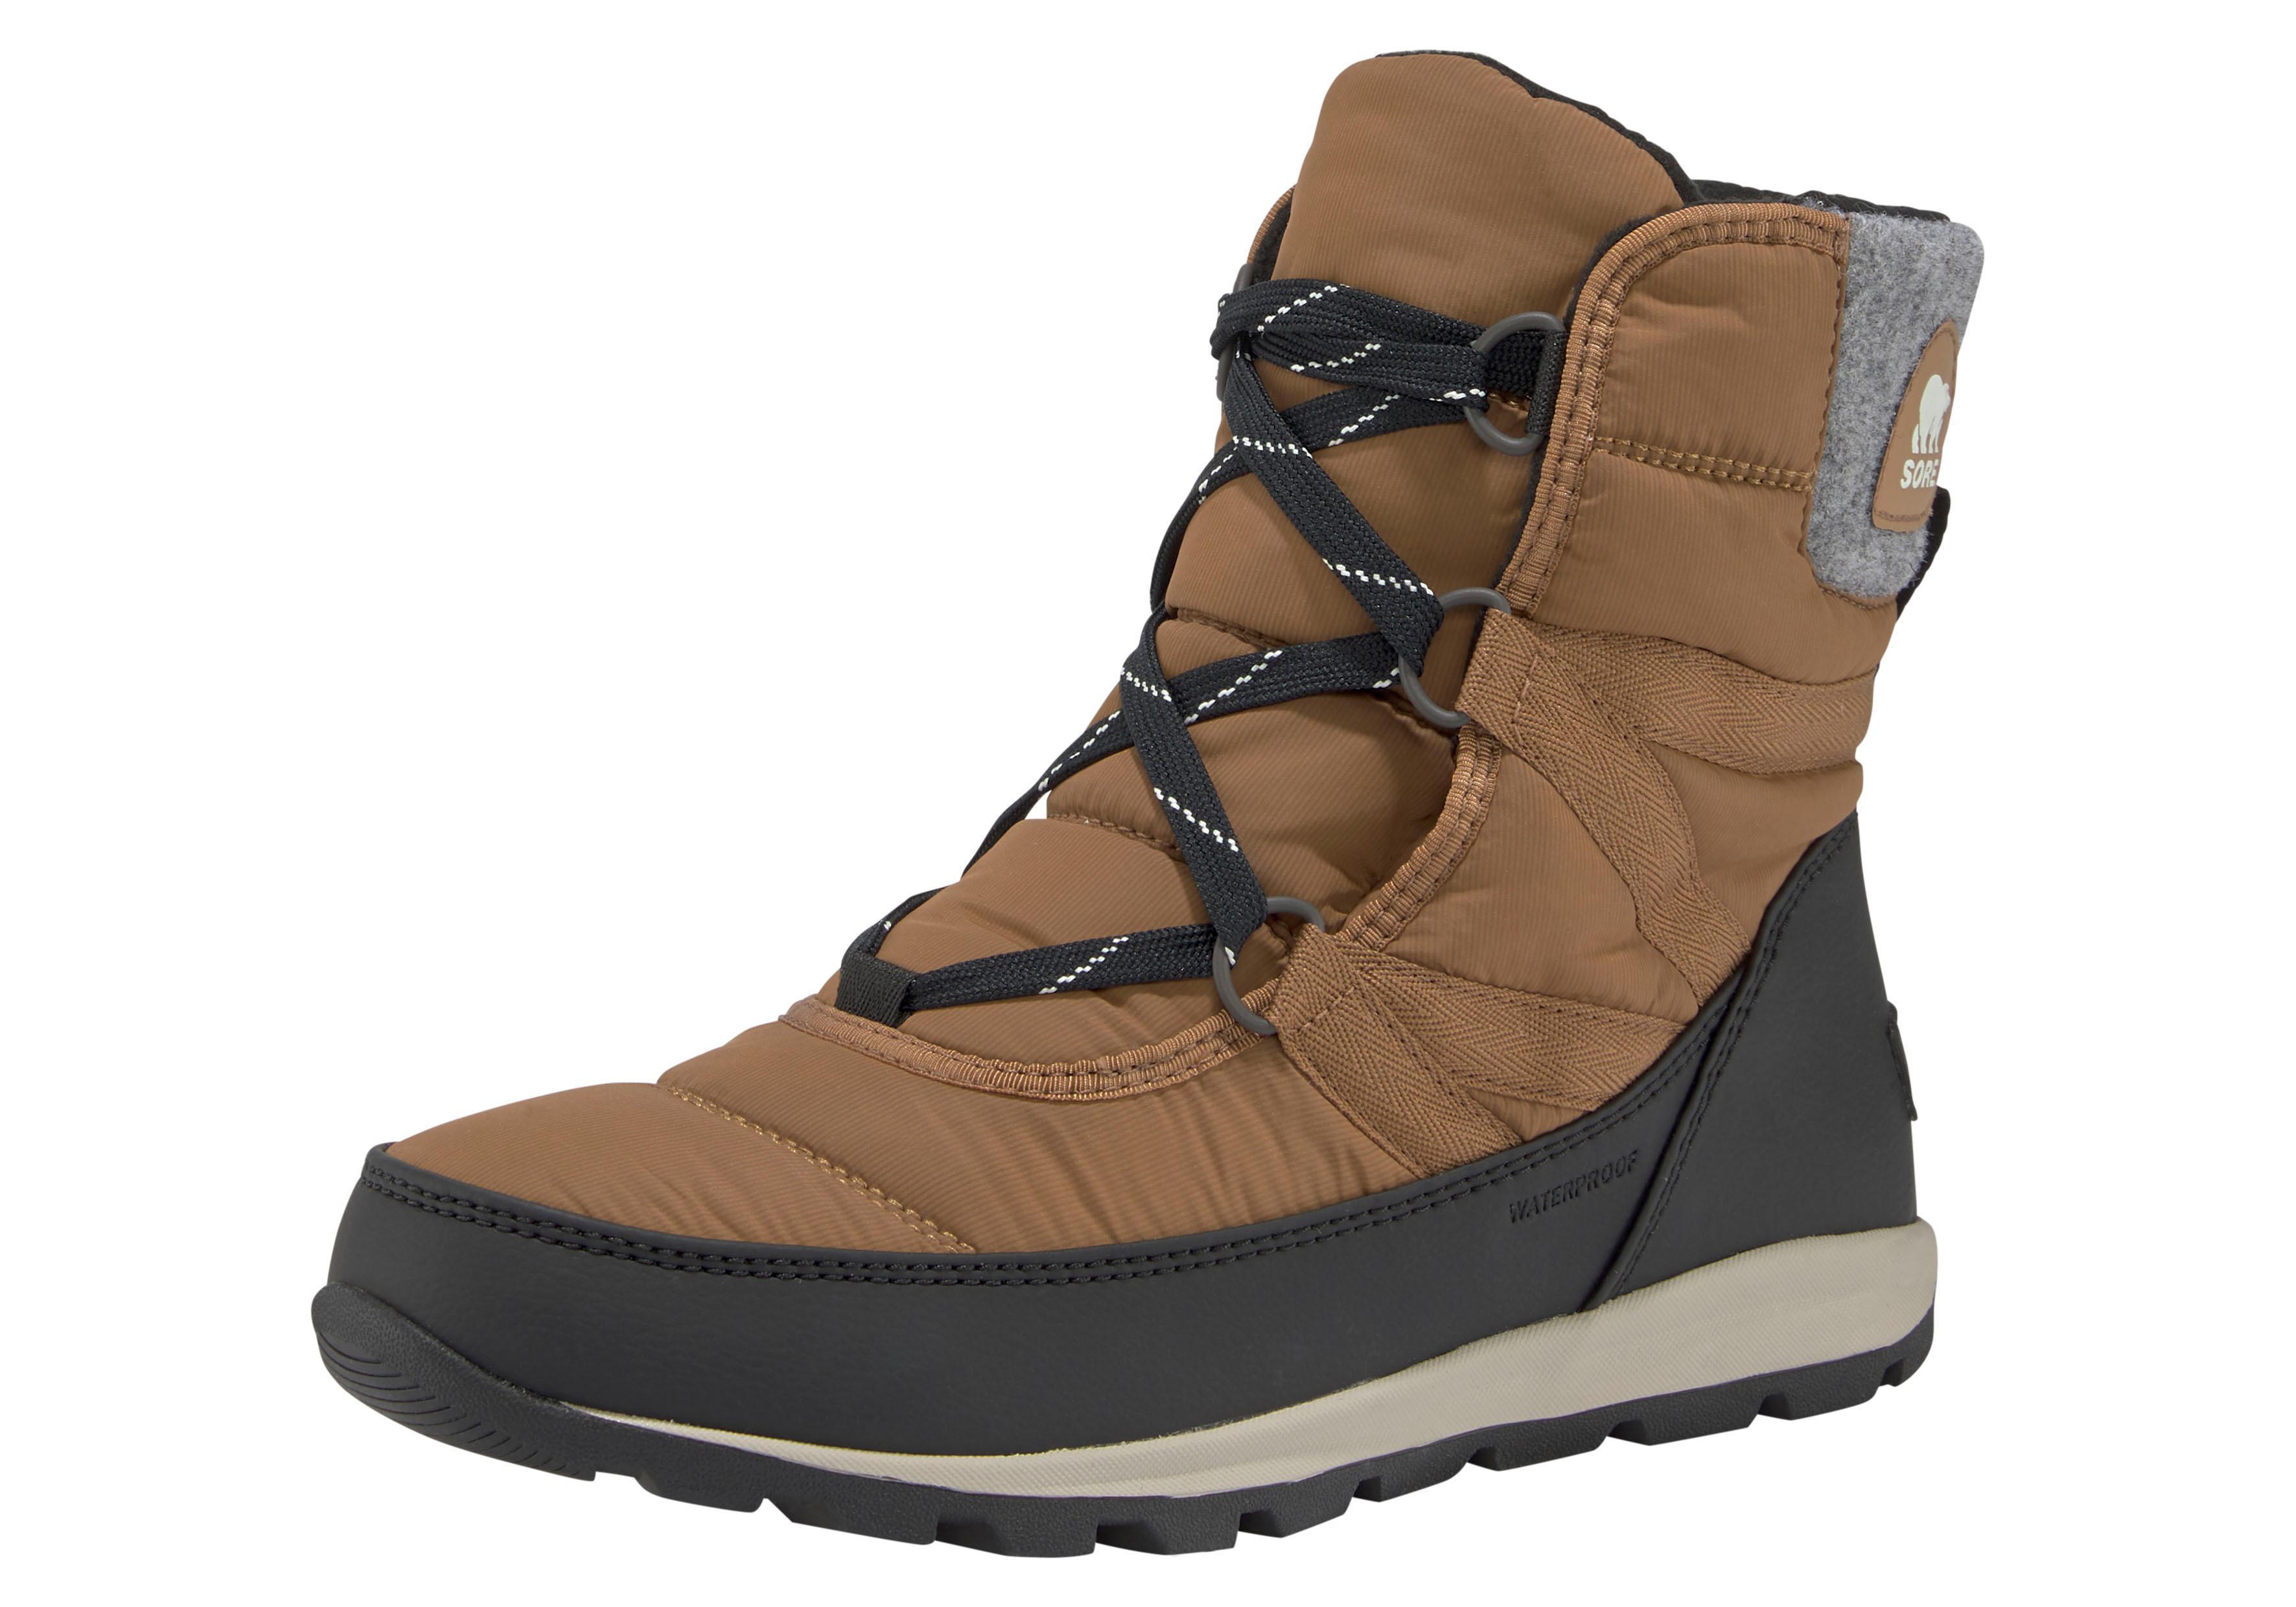 Sorel Outdoorwinterstiefel WHITNEY™ SHORT LACE | Schuhe > Outdoorschuhe > Outdoorwinterstiefel | Braun | Sorel